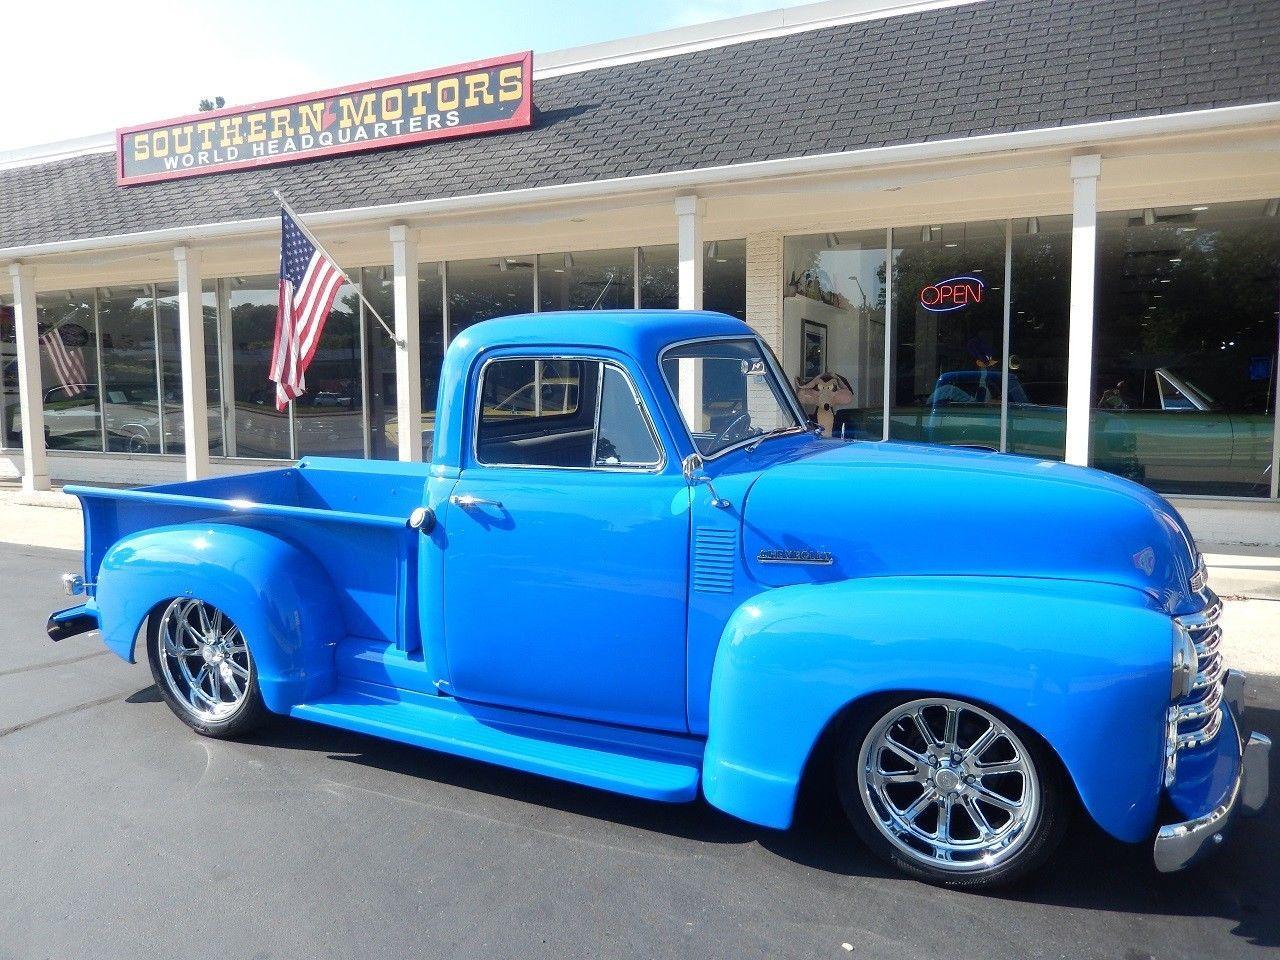 1951 Chevrolet C K Pickup 1500 3100 Ebay Motors Cars Trucks Chevrolet Ebay Chevy 3100 54 Chevy Truck Chevrolet